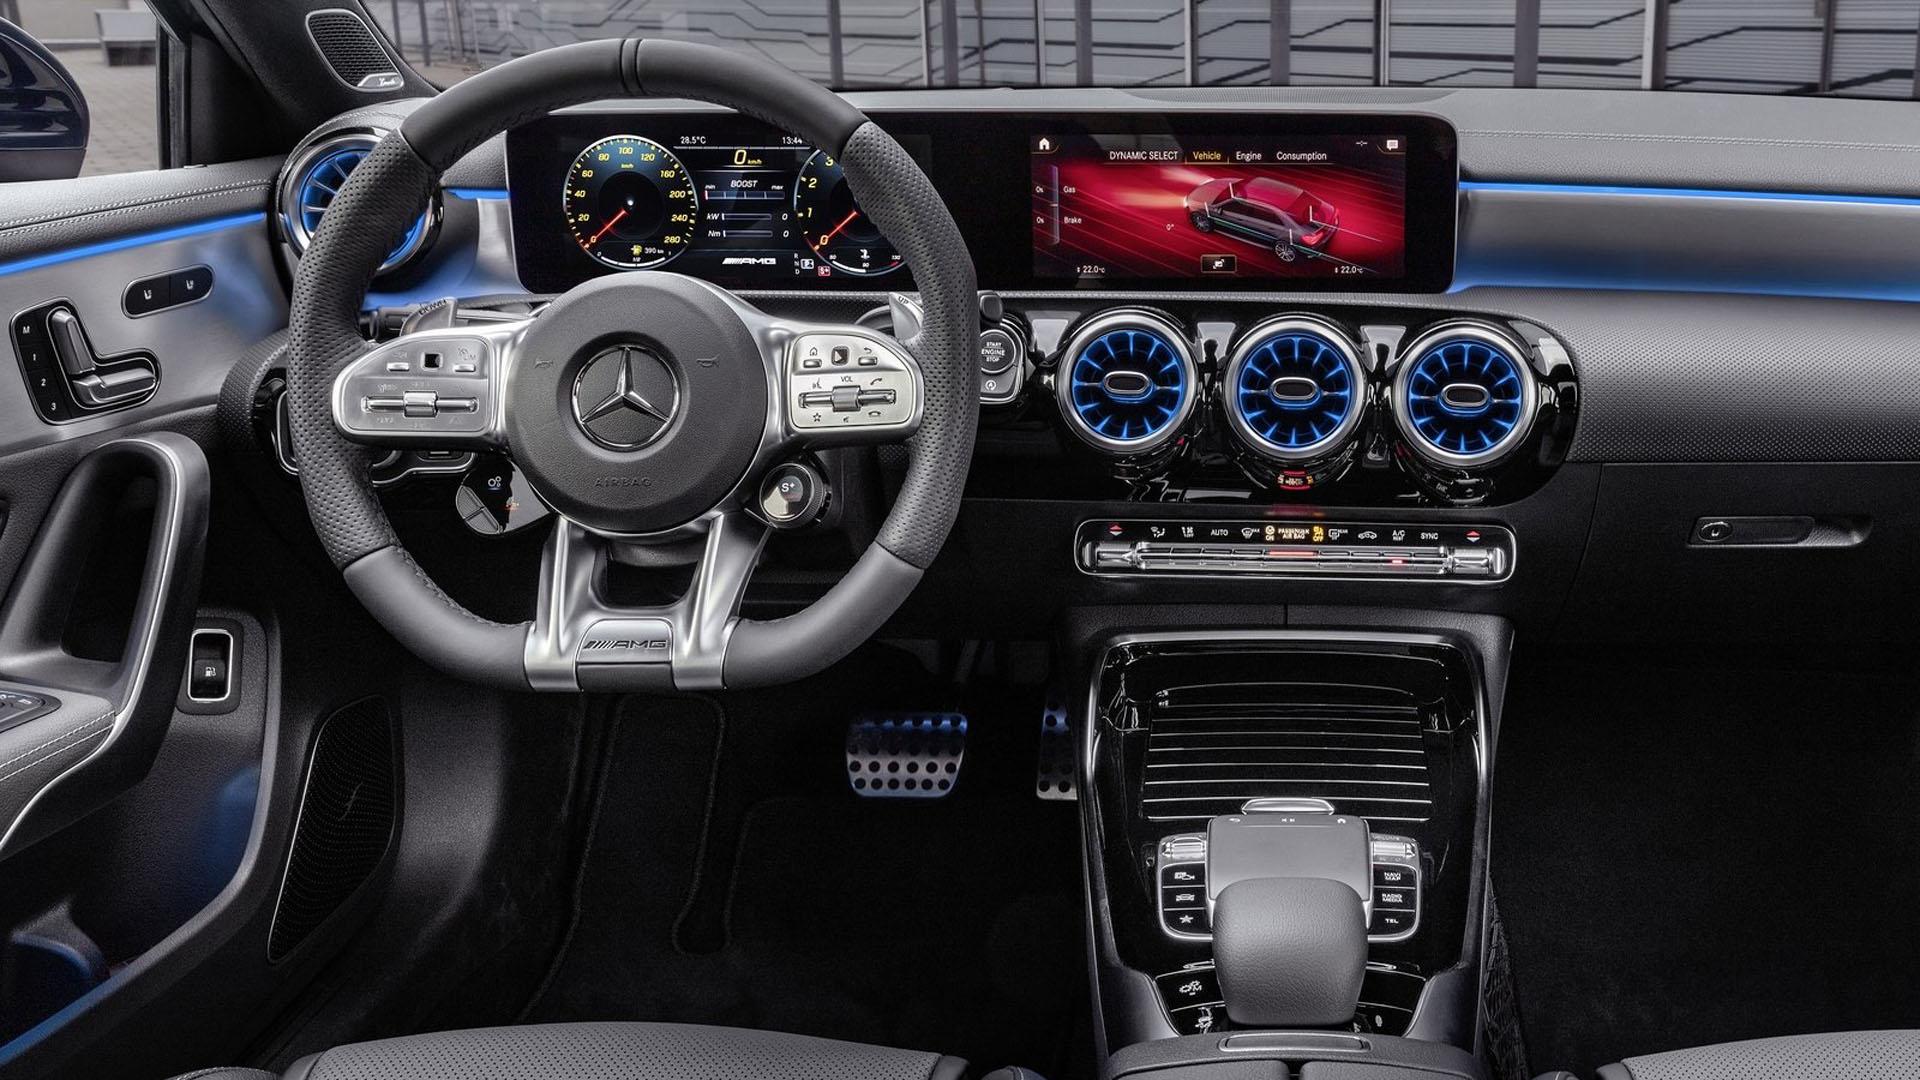 Mercedes-Benz 2020 A35 AMG 4Matic Sedan